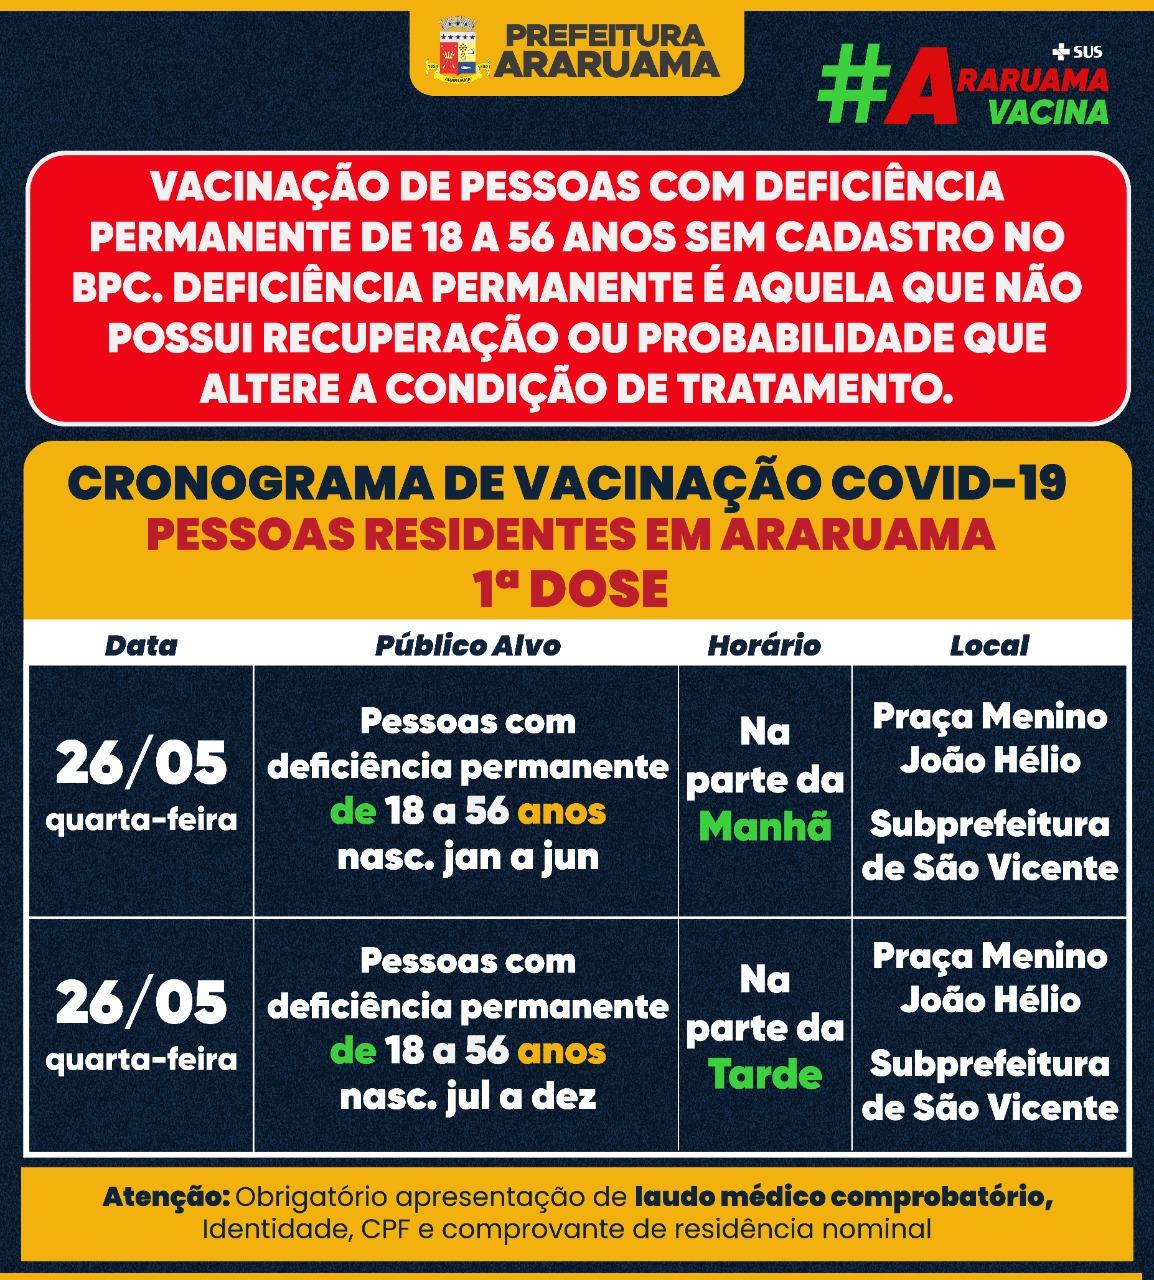 Calendário de vacinação da primeira dose para pessoas de 18 a 56 anos com deficiência permanente não cadastradas no BPC